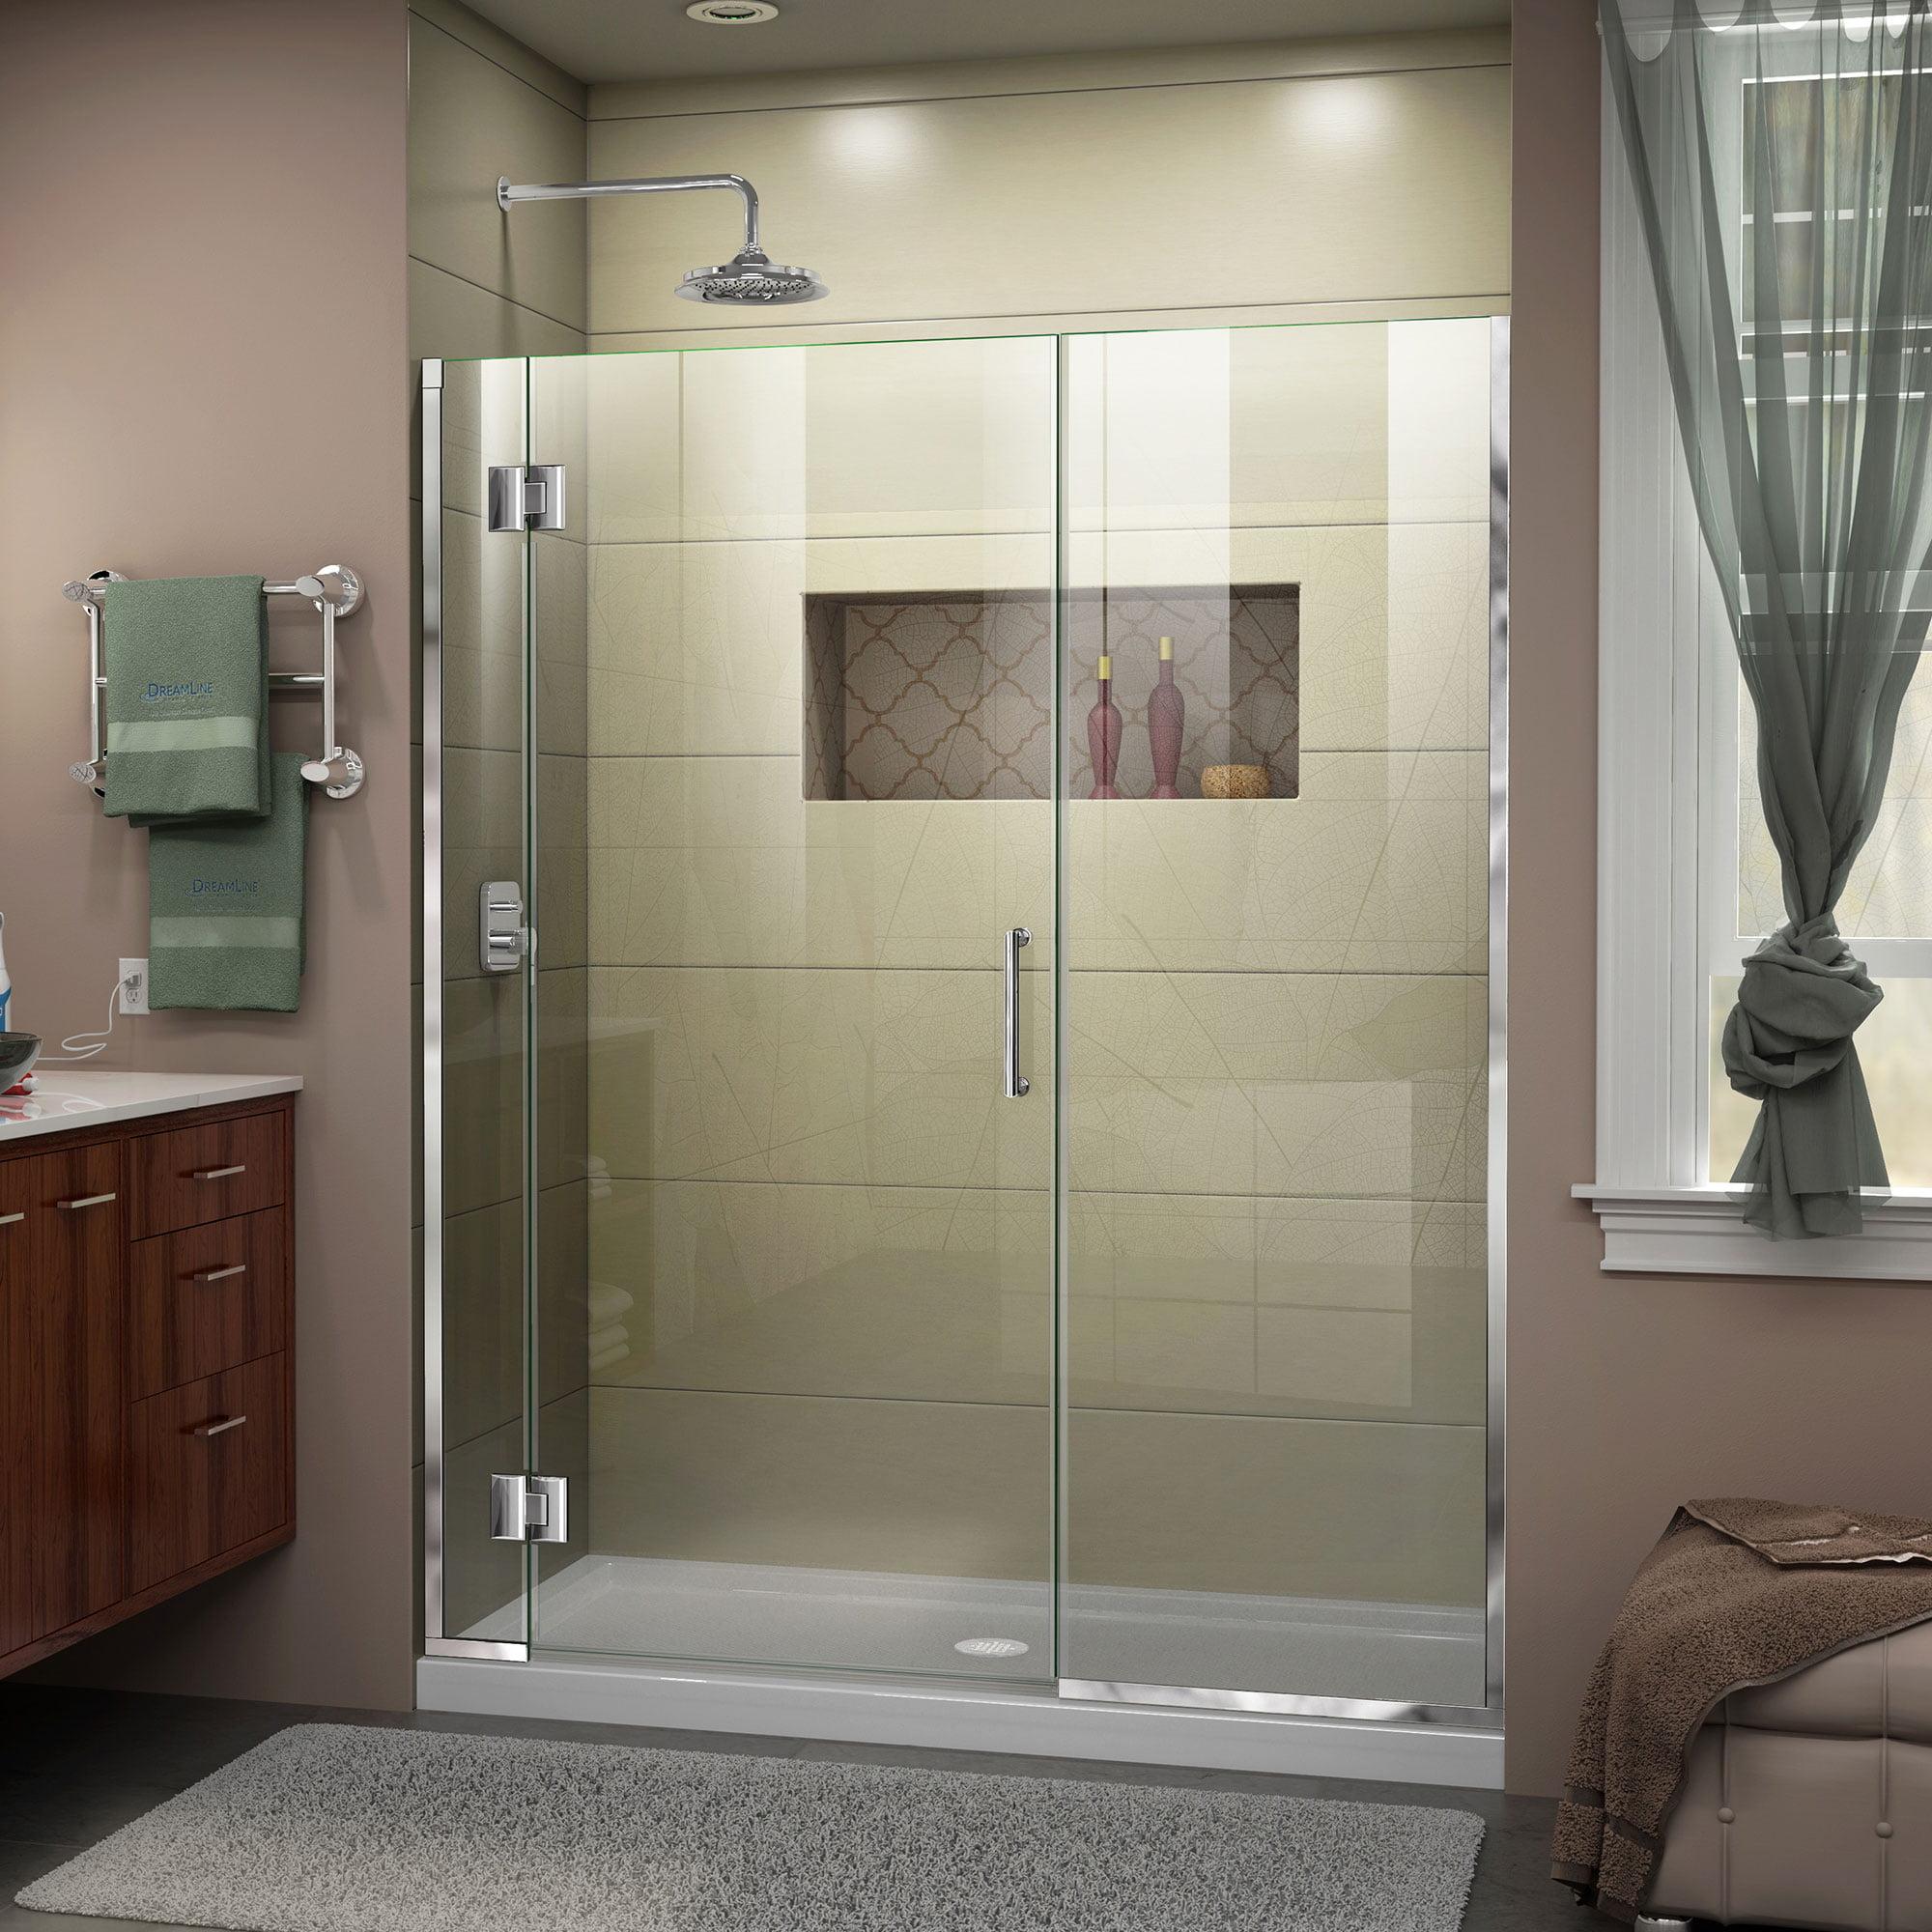 DreamLine Unidoor-X 64 1/2-65 in. W x 72 in. H Frameless Hinged Shower Door in Chrome